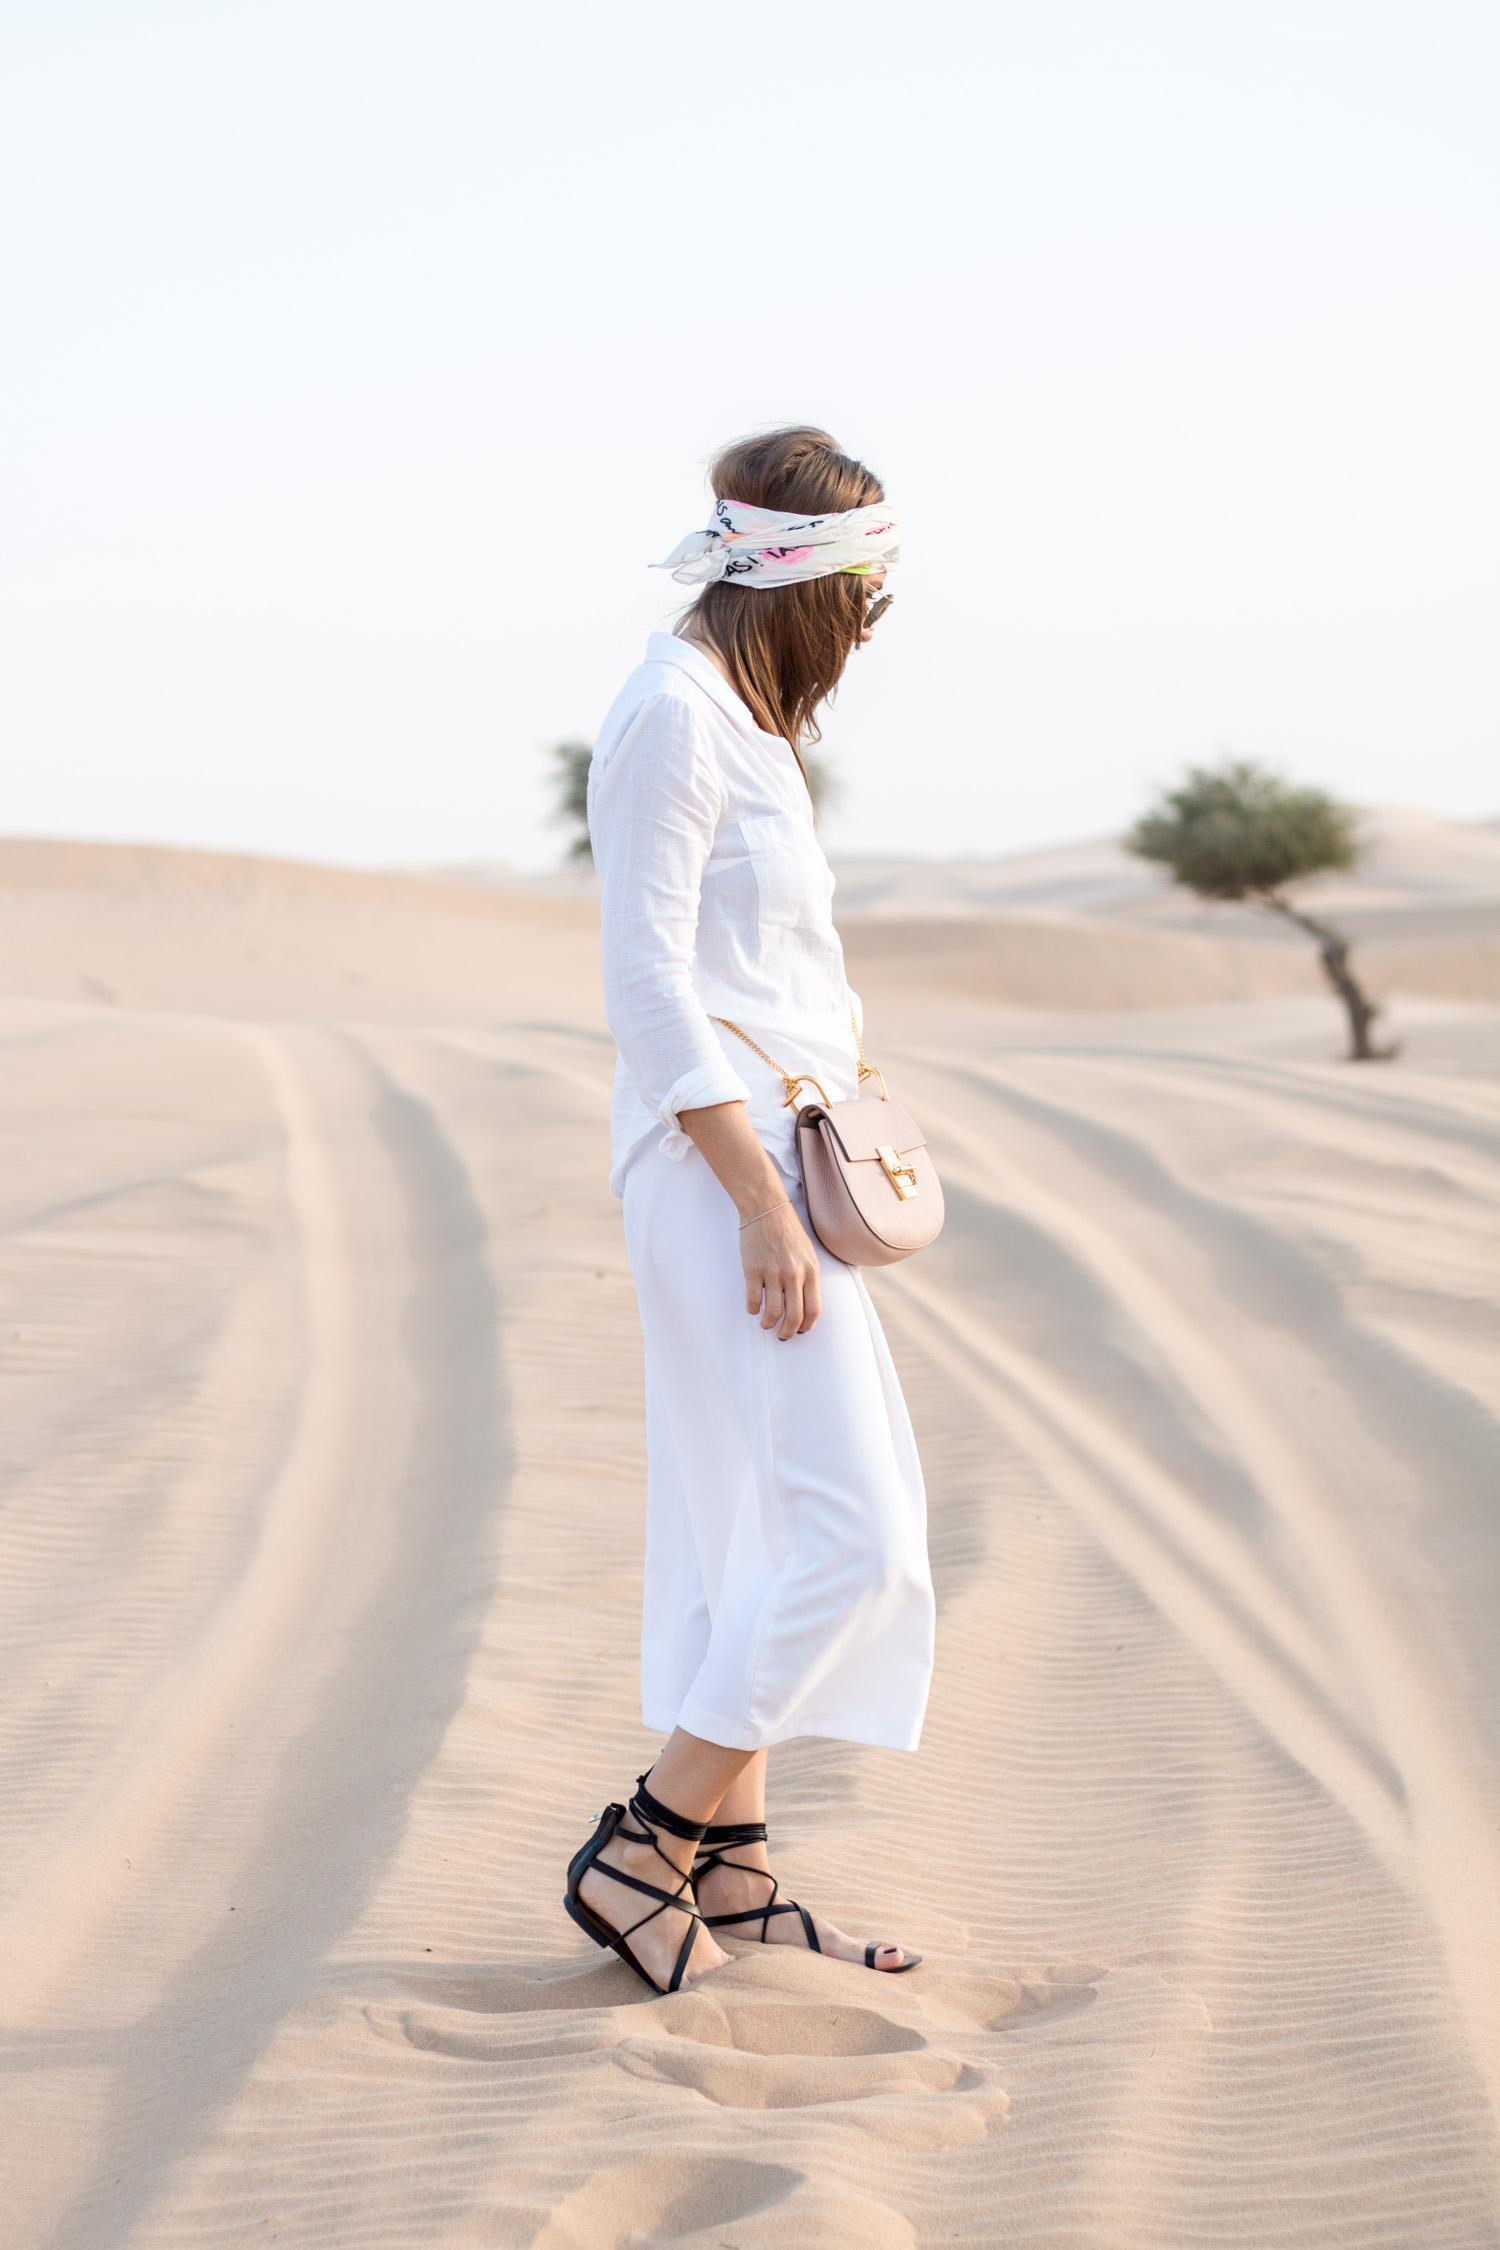 Abu-Dhabi-Memories-1